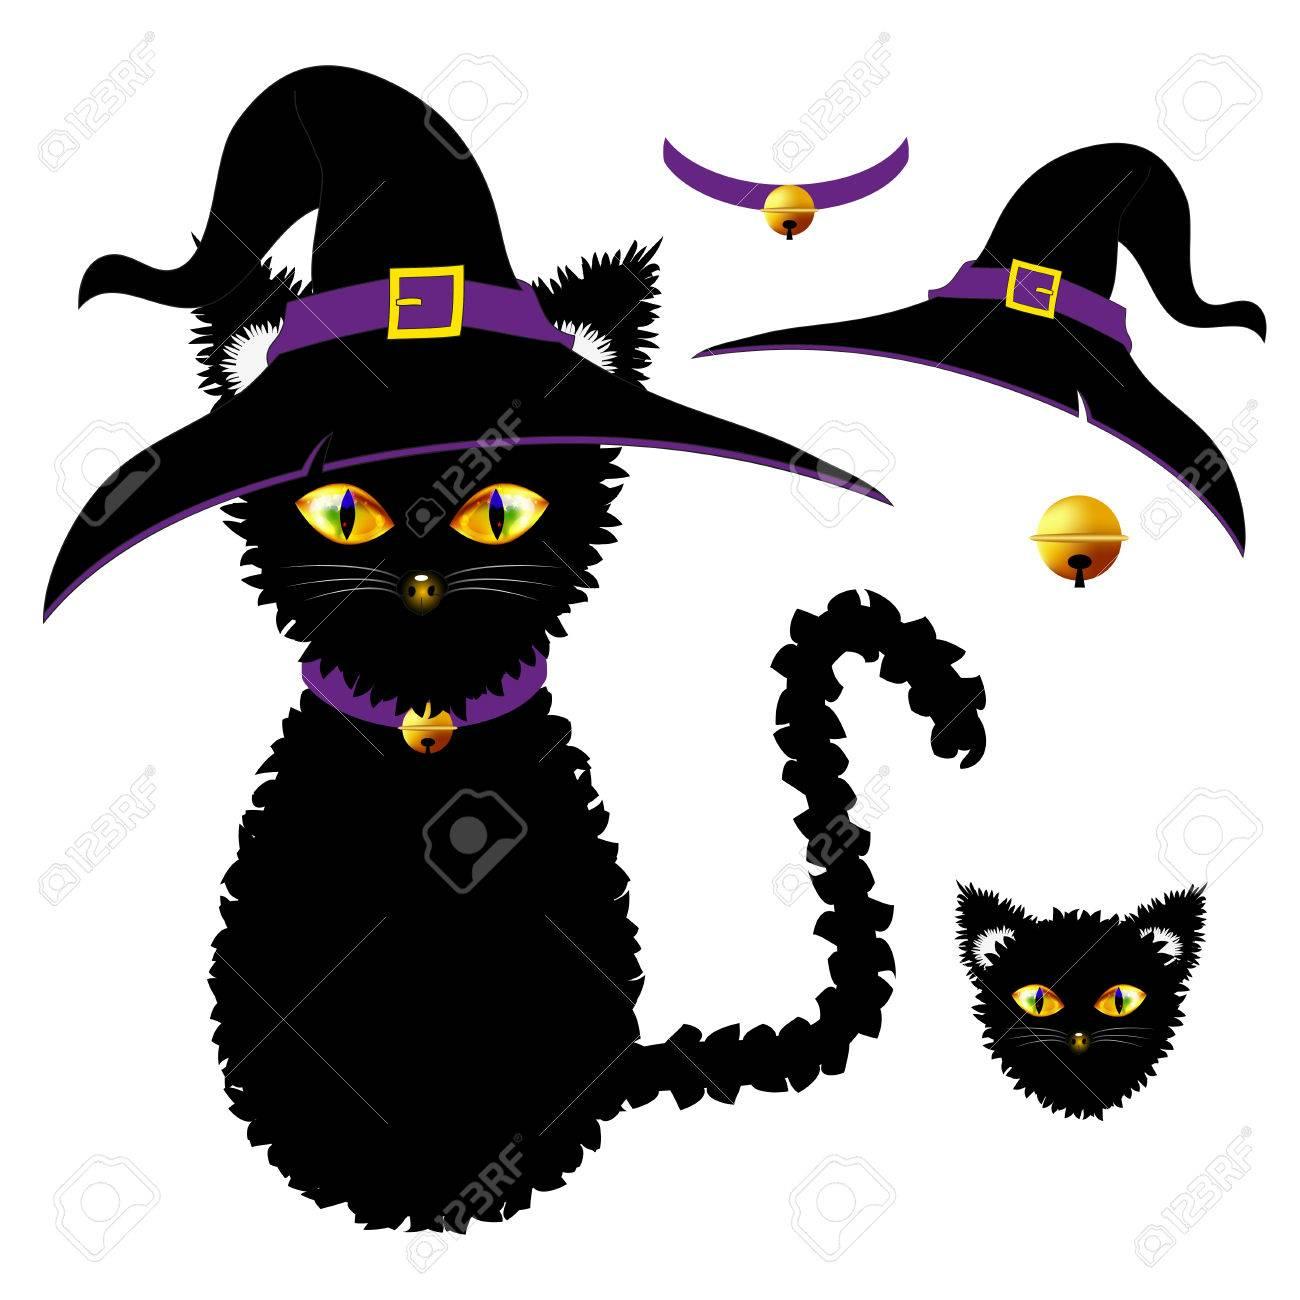 Foto de archivo - Gato negro con los ojos amarillos. Sombrero de la bruja 067746da994